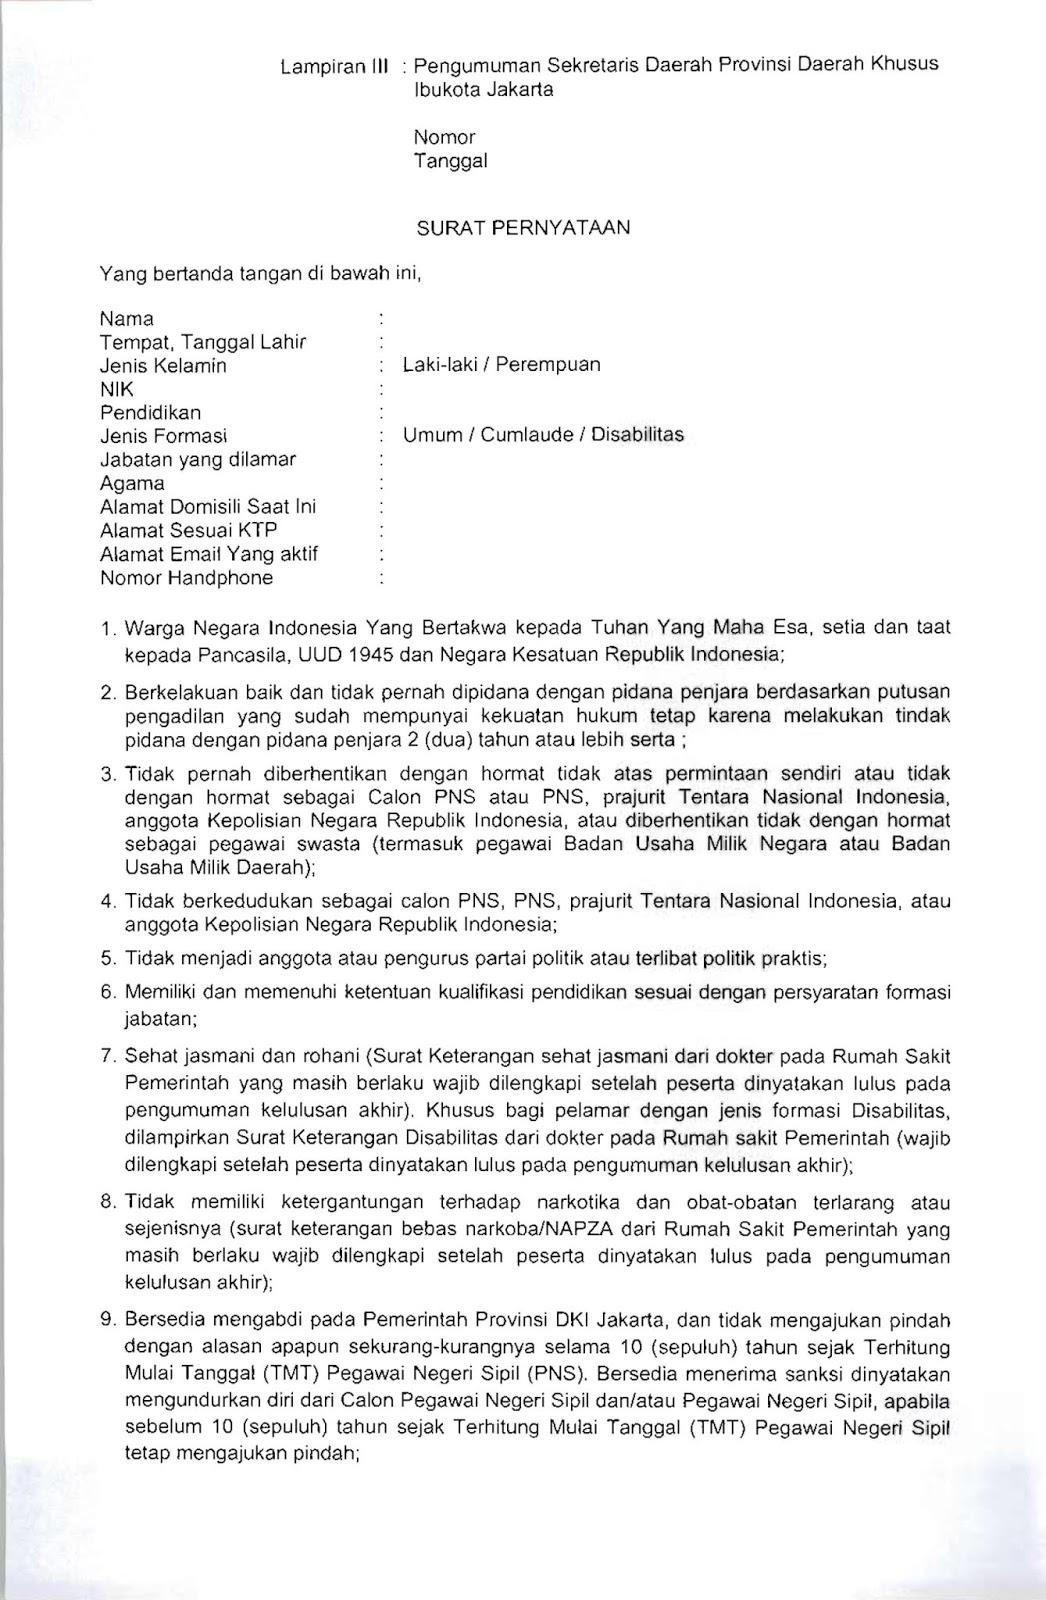 Format Surat Lamaran Dan Surat Pernyataan Cpns Dki Jakarta Tahun 2019 Rekrutmen Lowongan Kerja Bulan Januari 2021